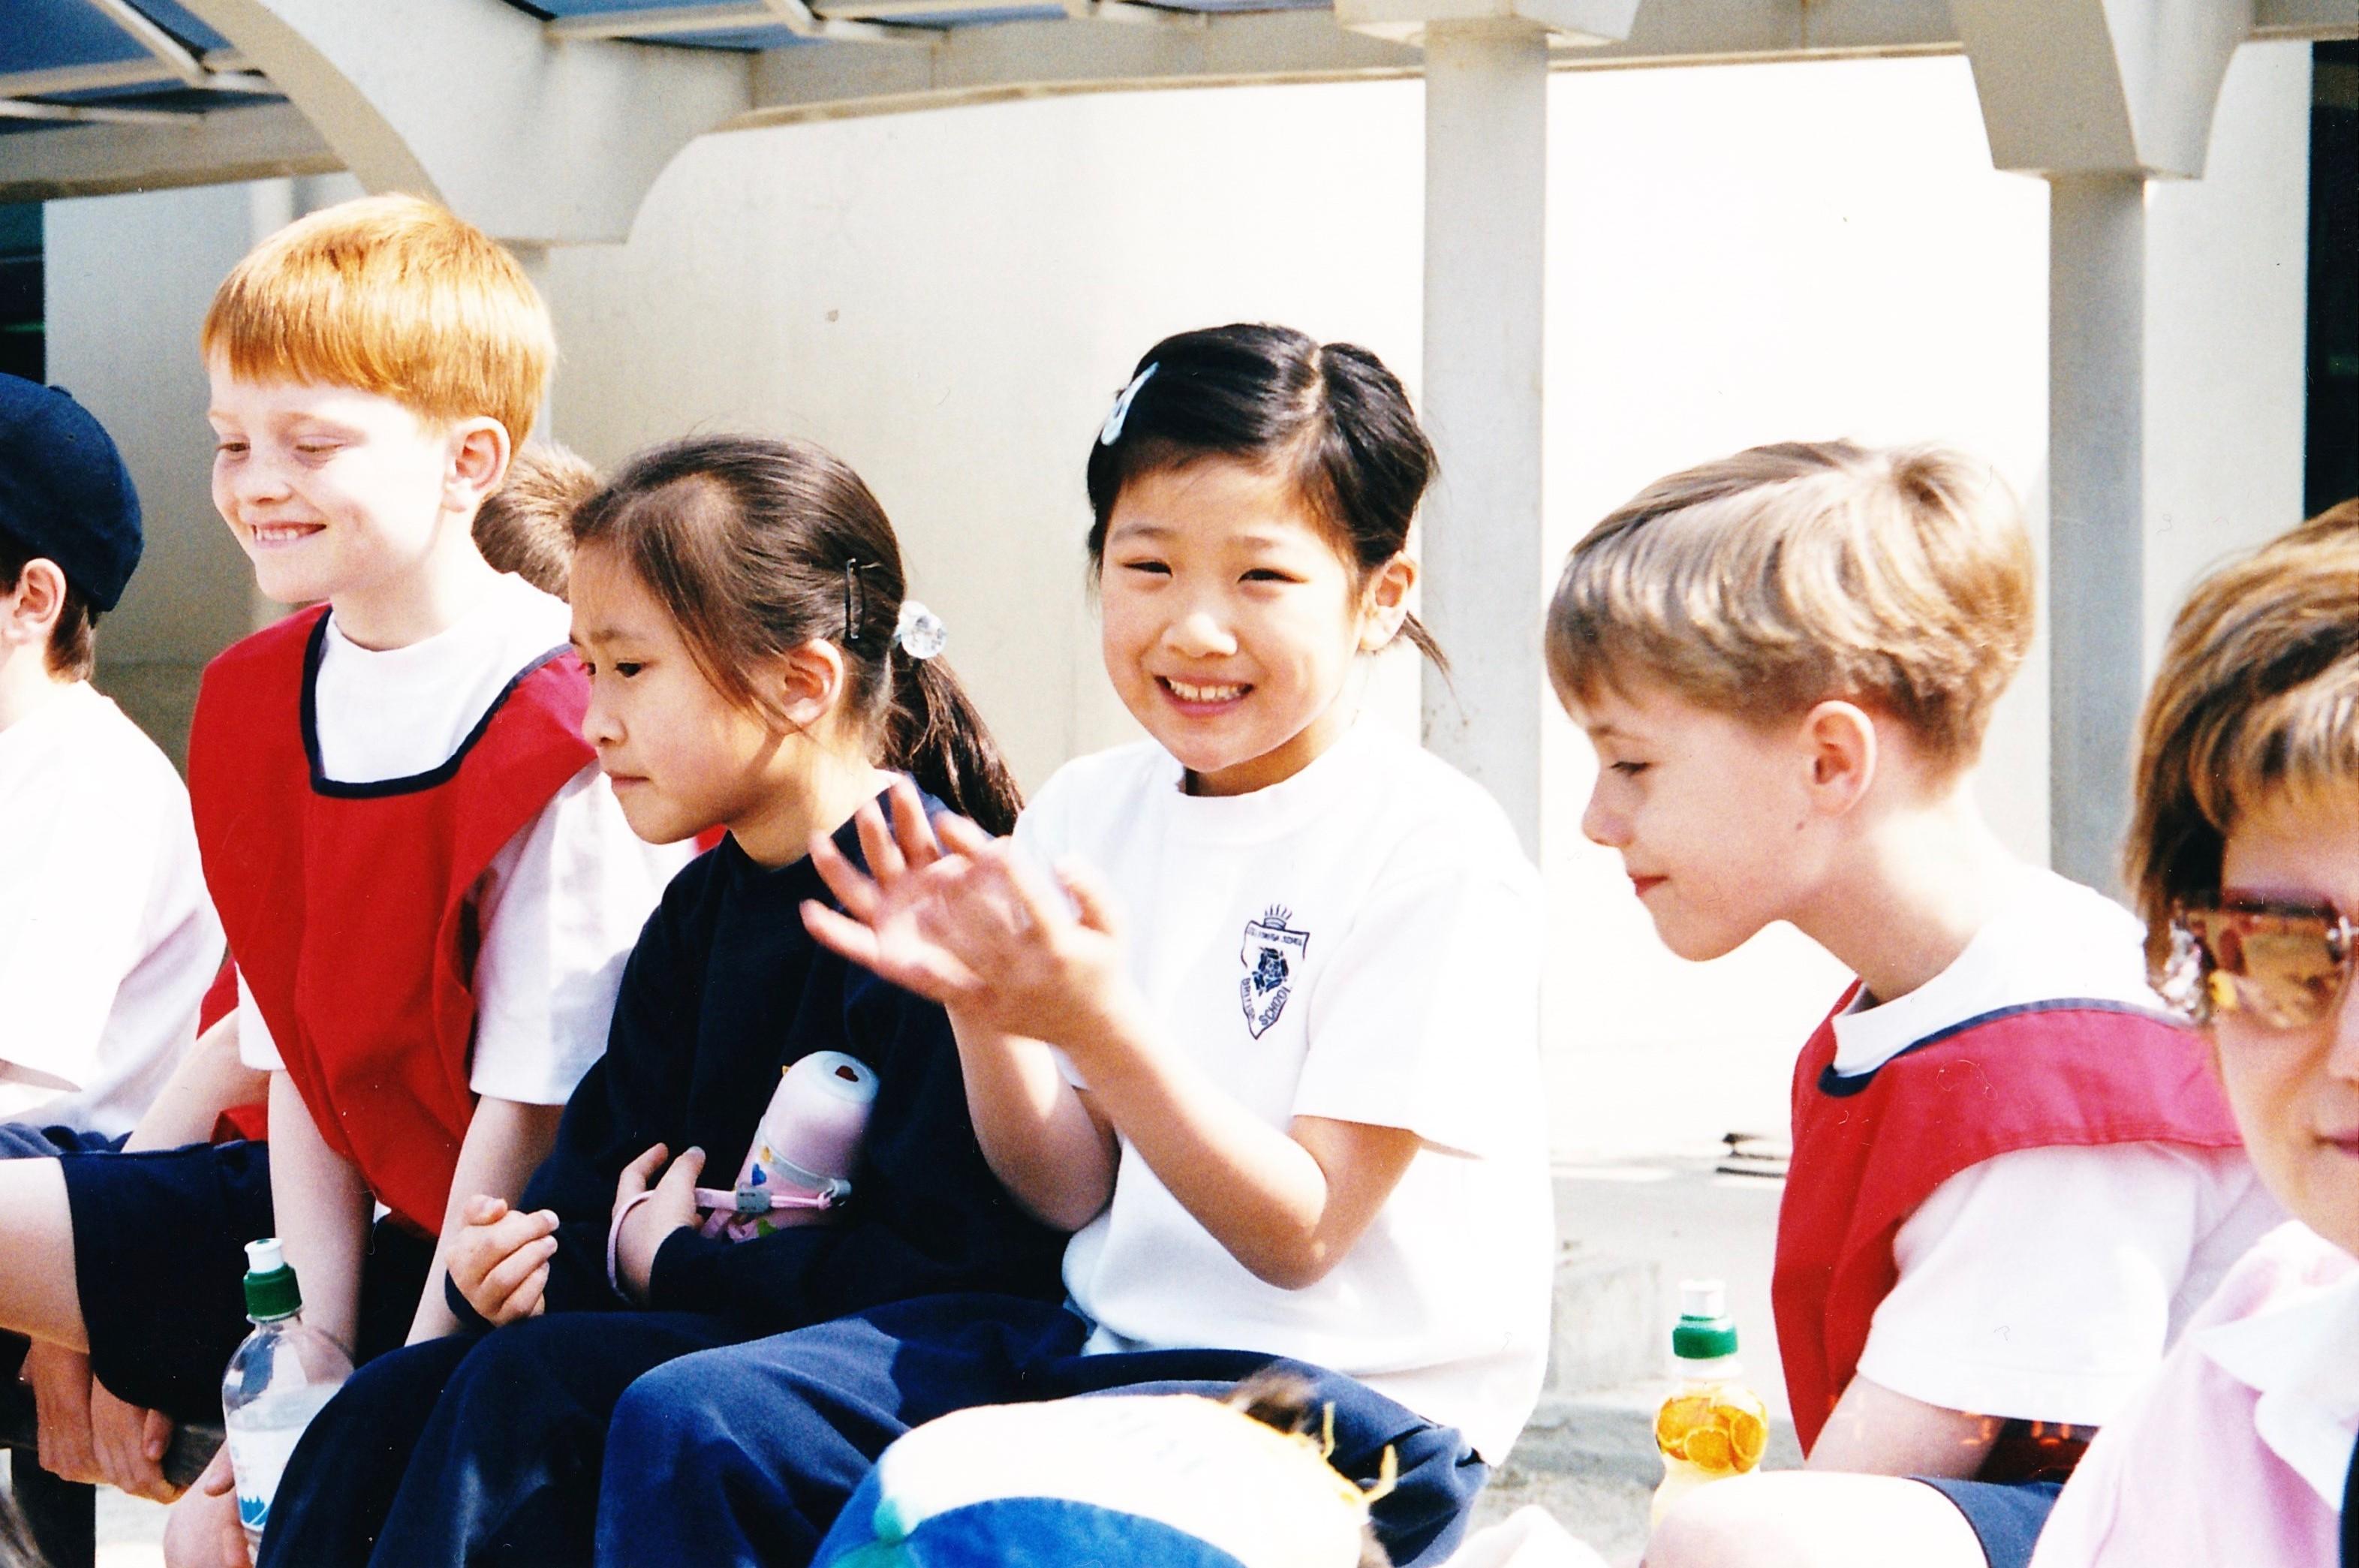 韓国のインターナショナルスクールでの運動会。右から2番目が望月さん。